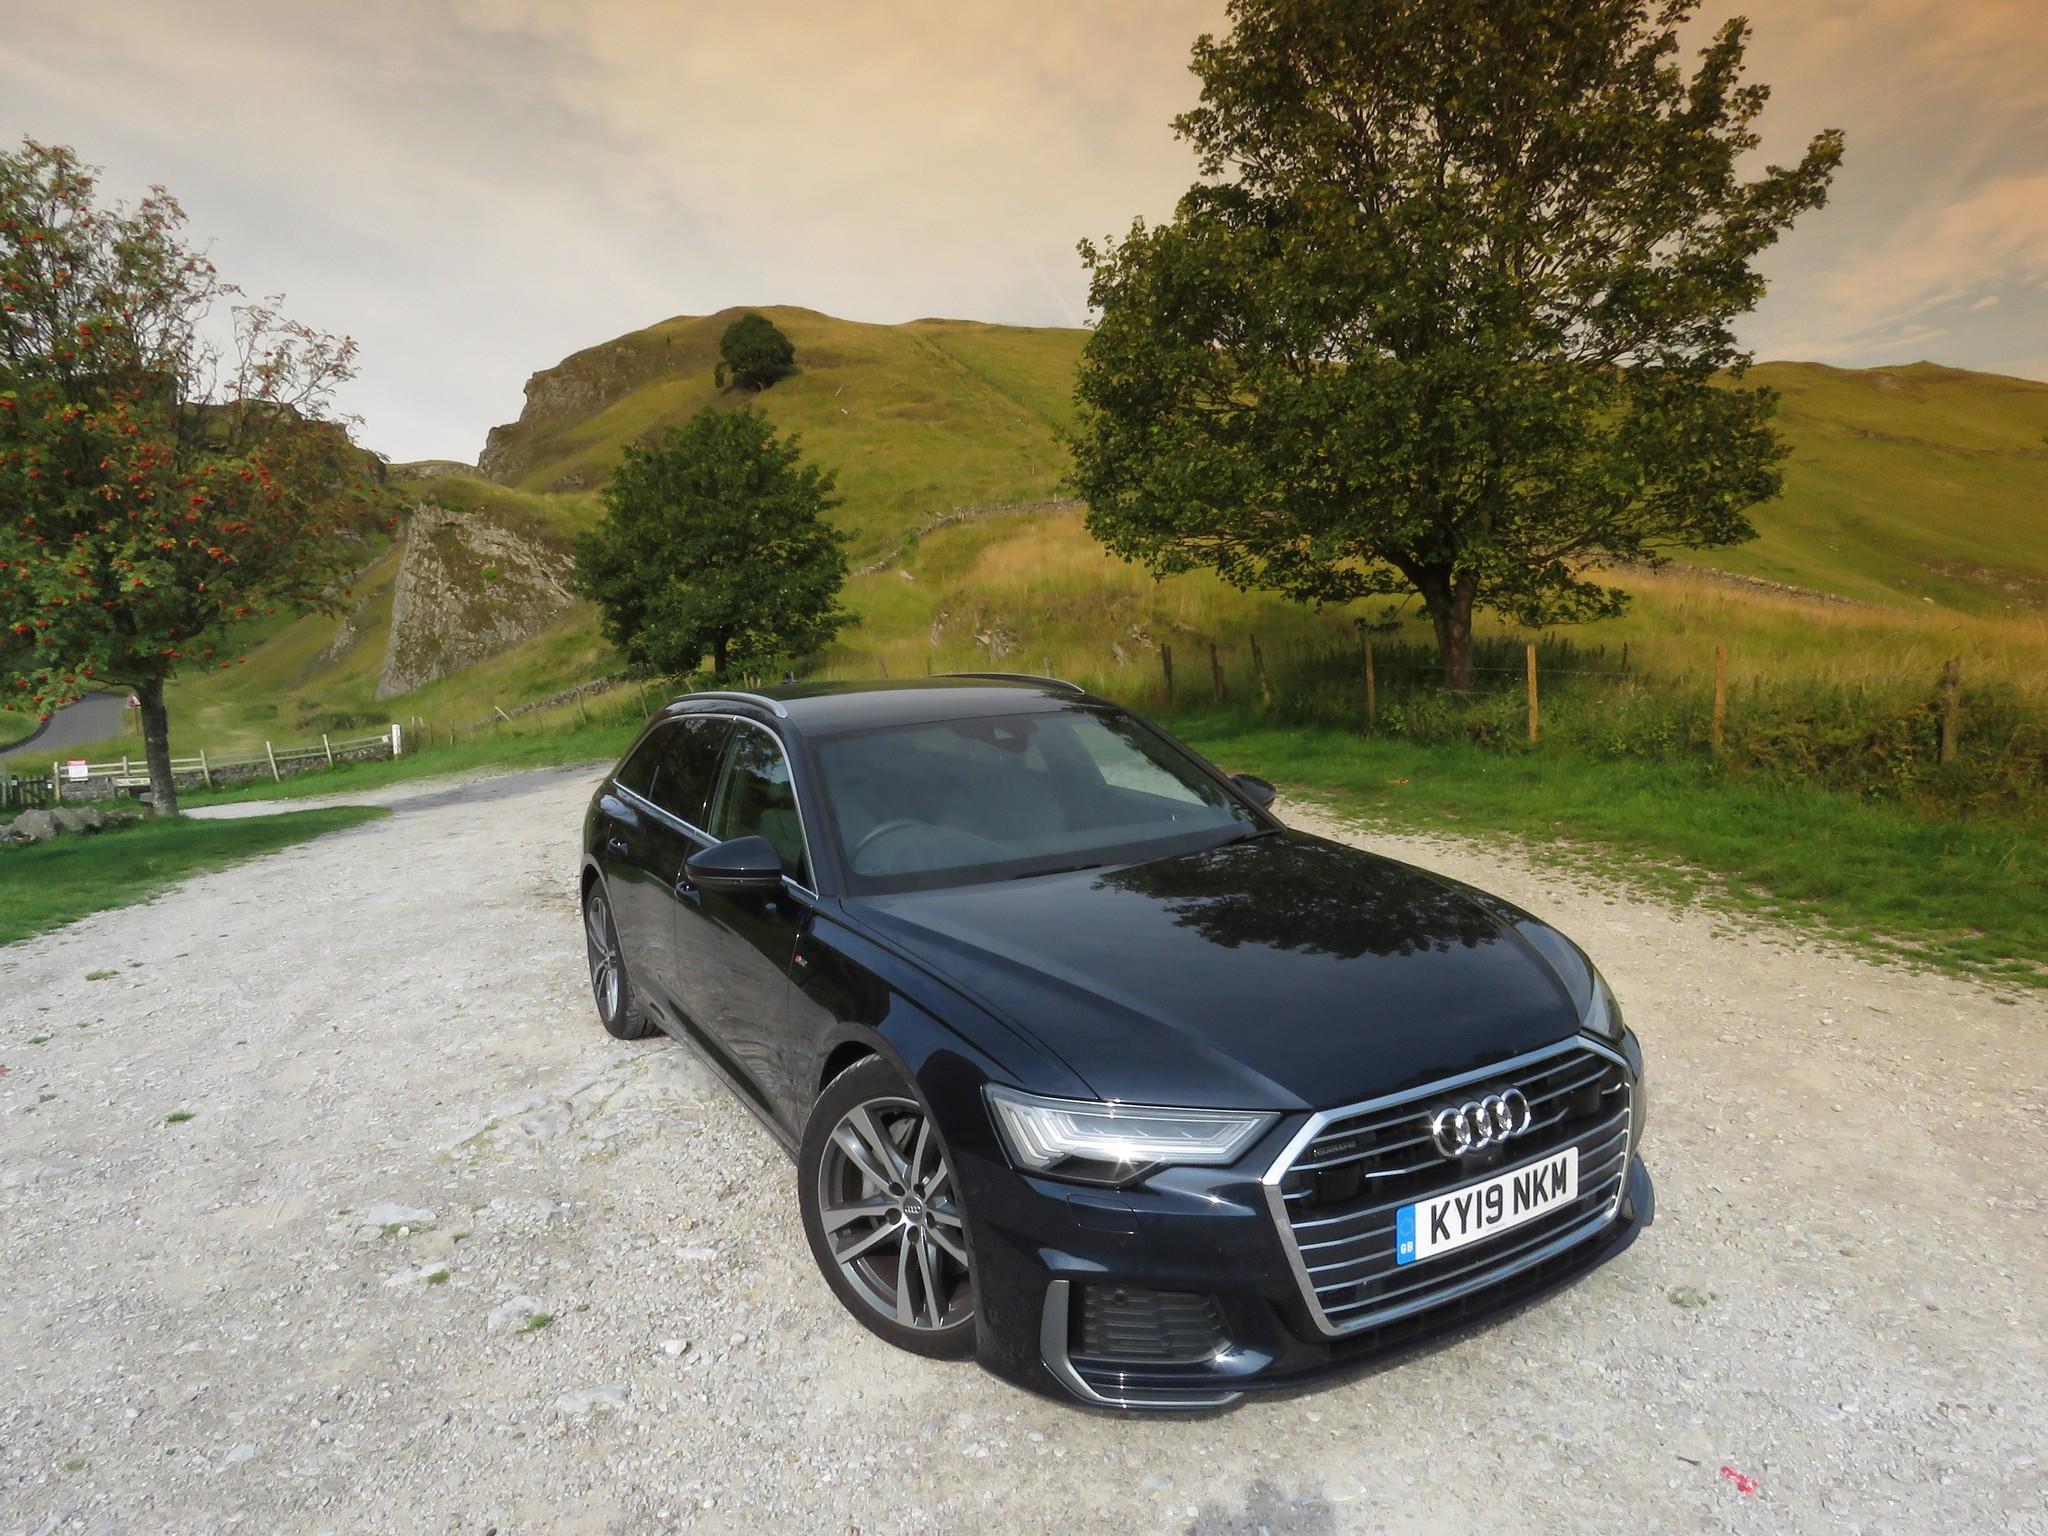 Audi A6 Avant 50 Tdi Quattro S Line Review Car Indicators